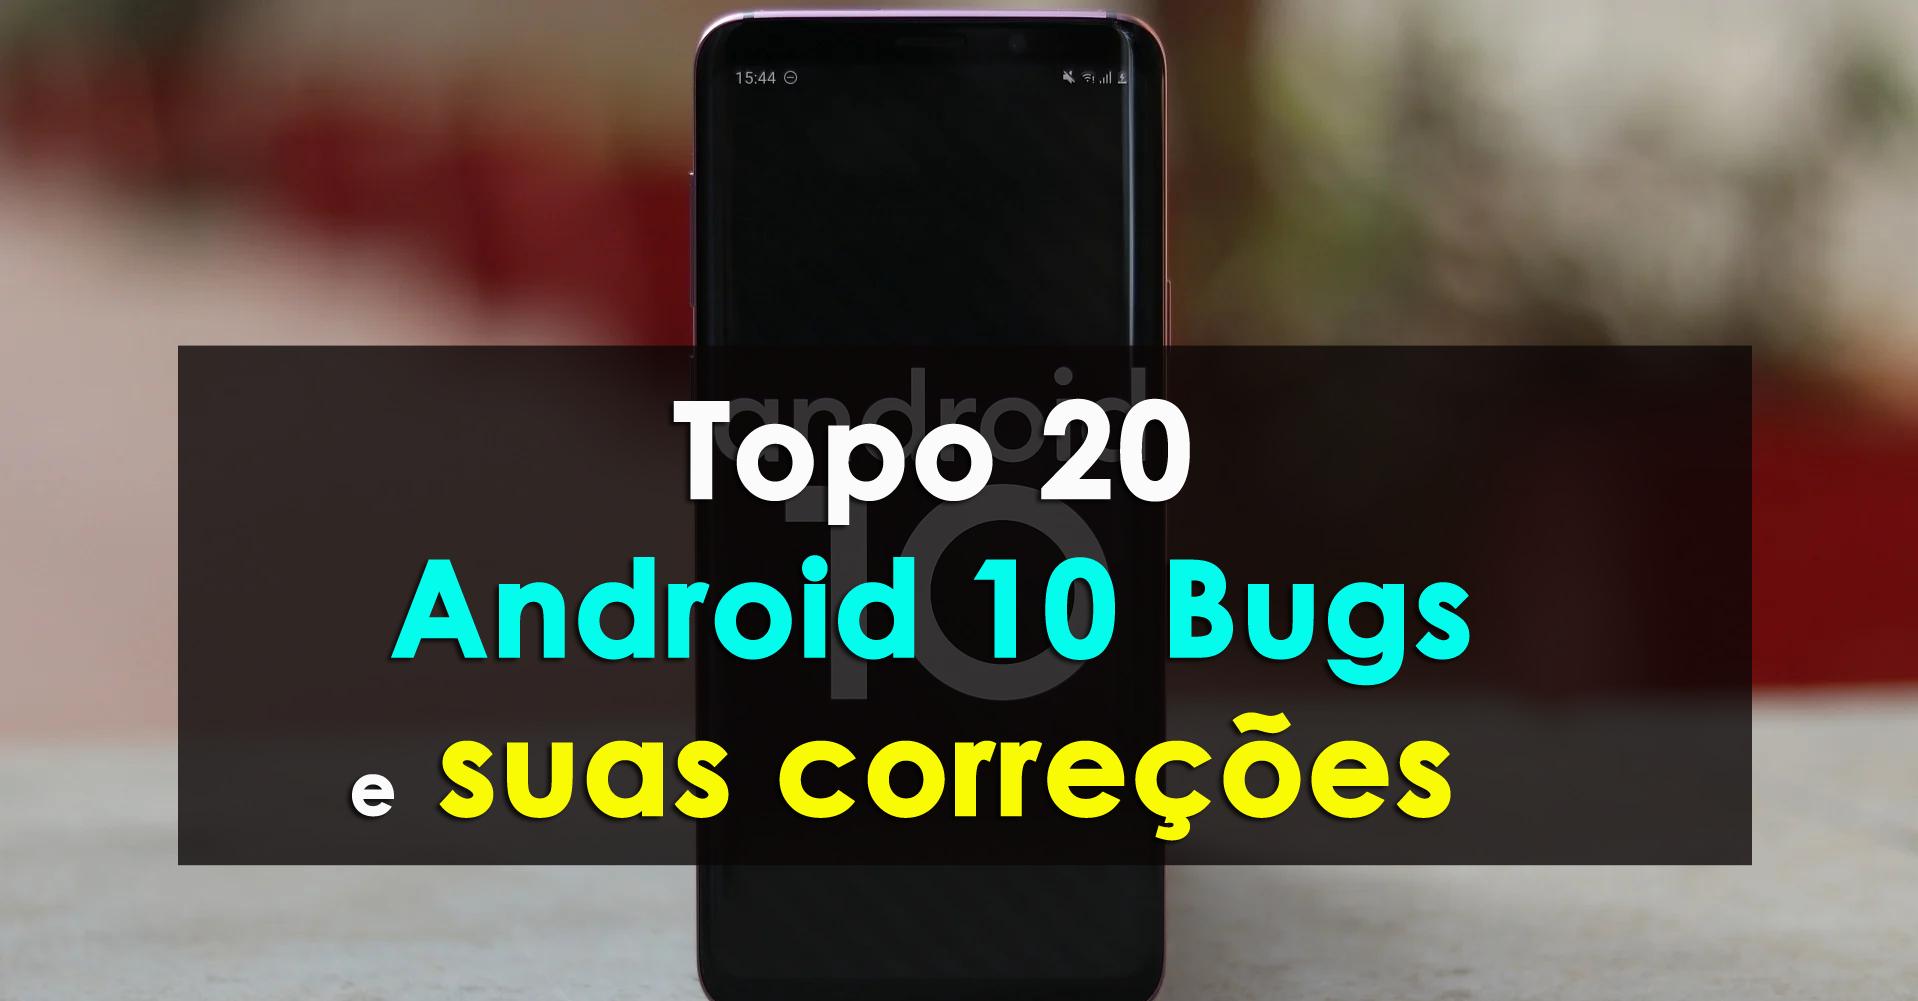 Topo 20 Android 10 Bugs e suas correções